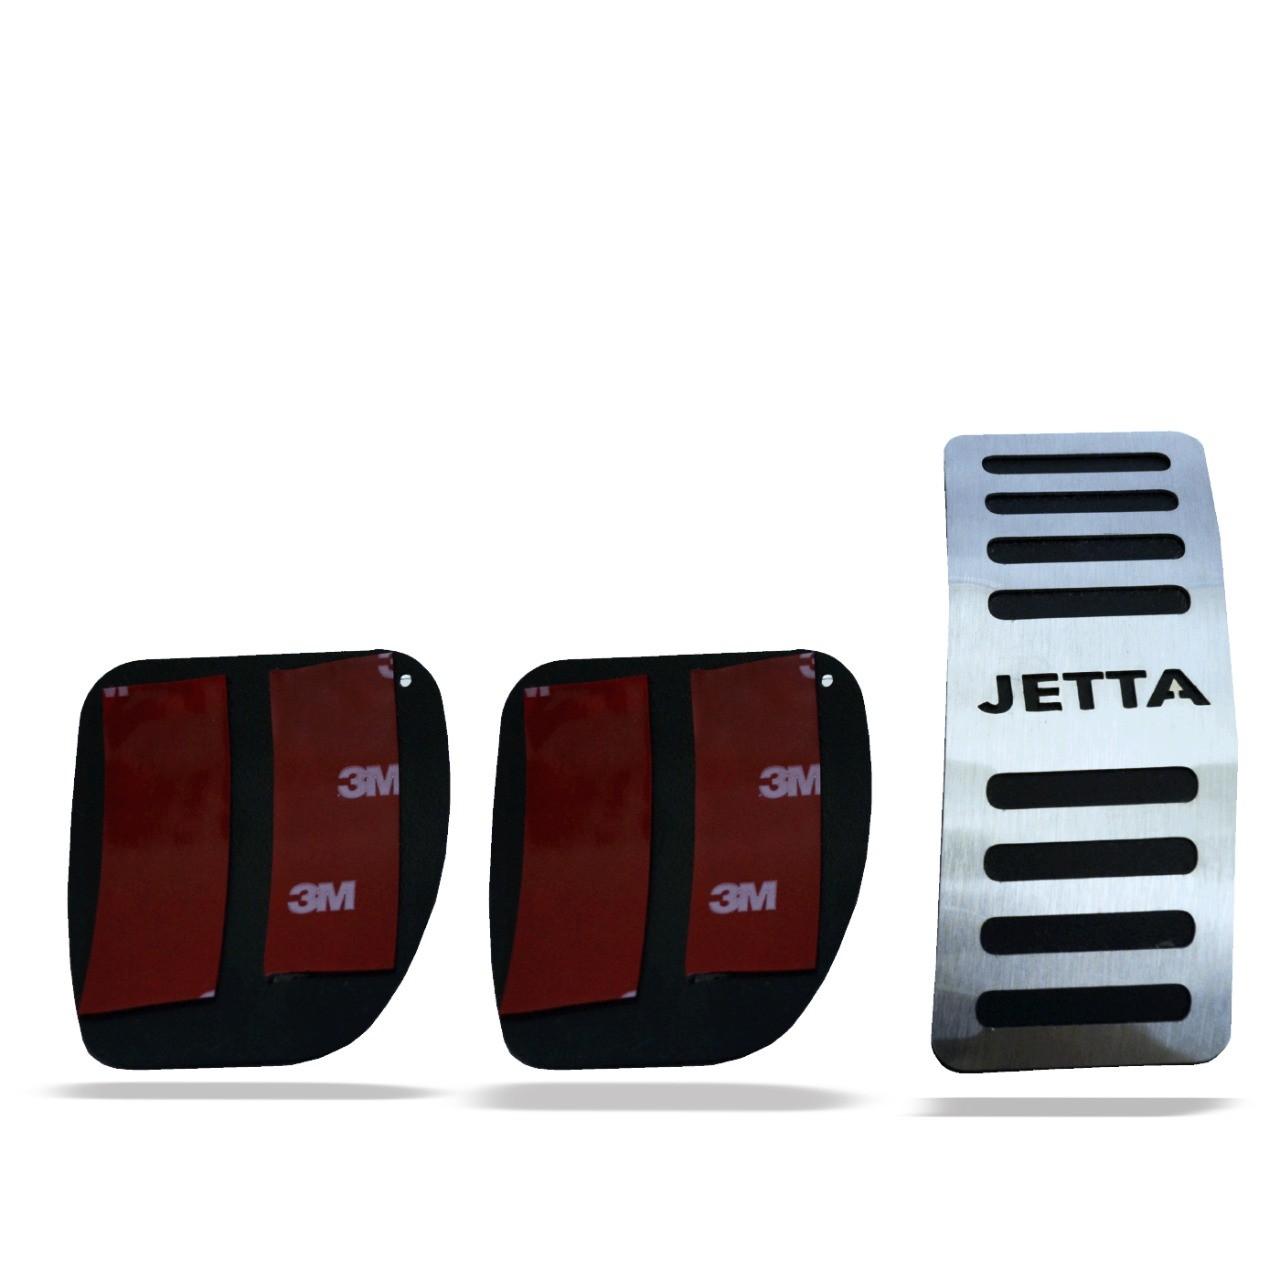 Pedaleira para Jetta Manual em Aço Inox